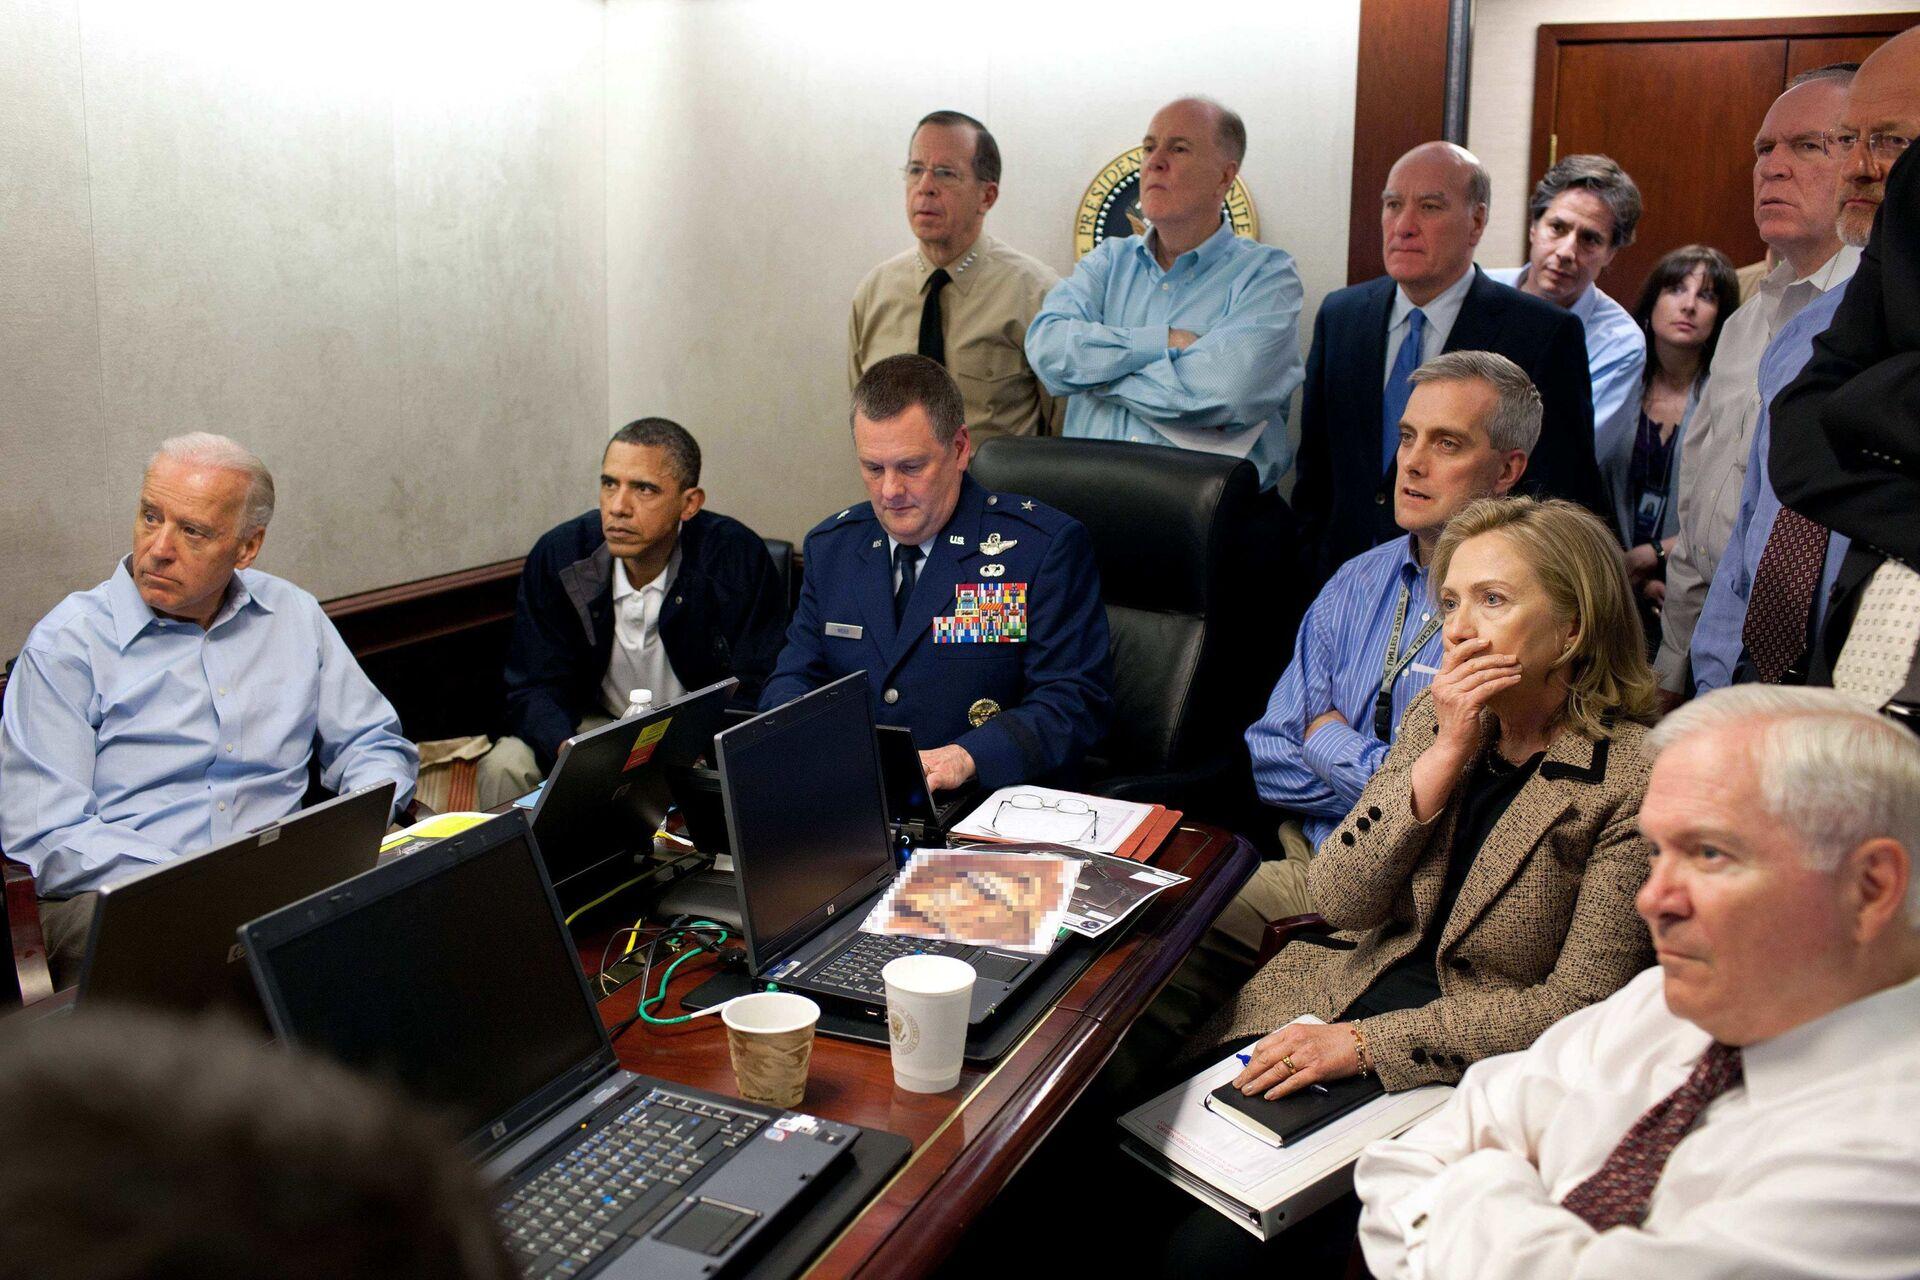 Државна секретарка САД Хилари Kлинтон, председник Барак Обама и потпредседник Џо Бајден, заједно са члановима националног безбедносног тима, добијају обавештење о мисији против Осаме бин Ладена у Ситуационој соби Беле куће у Вашингтону. - Sputnik Србија, 1920, 13.07.2021